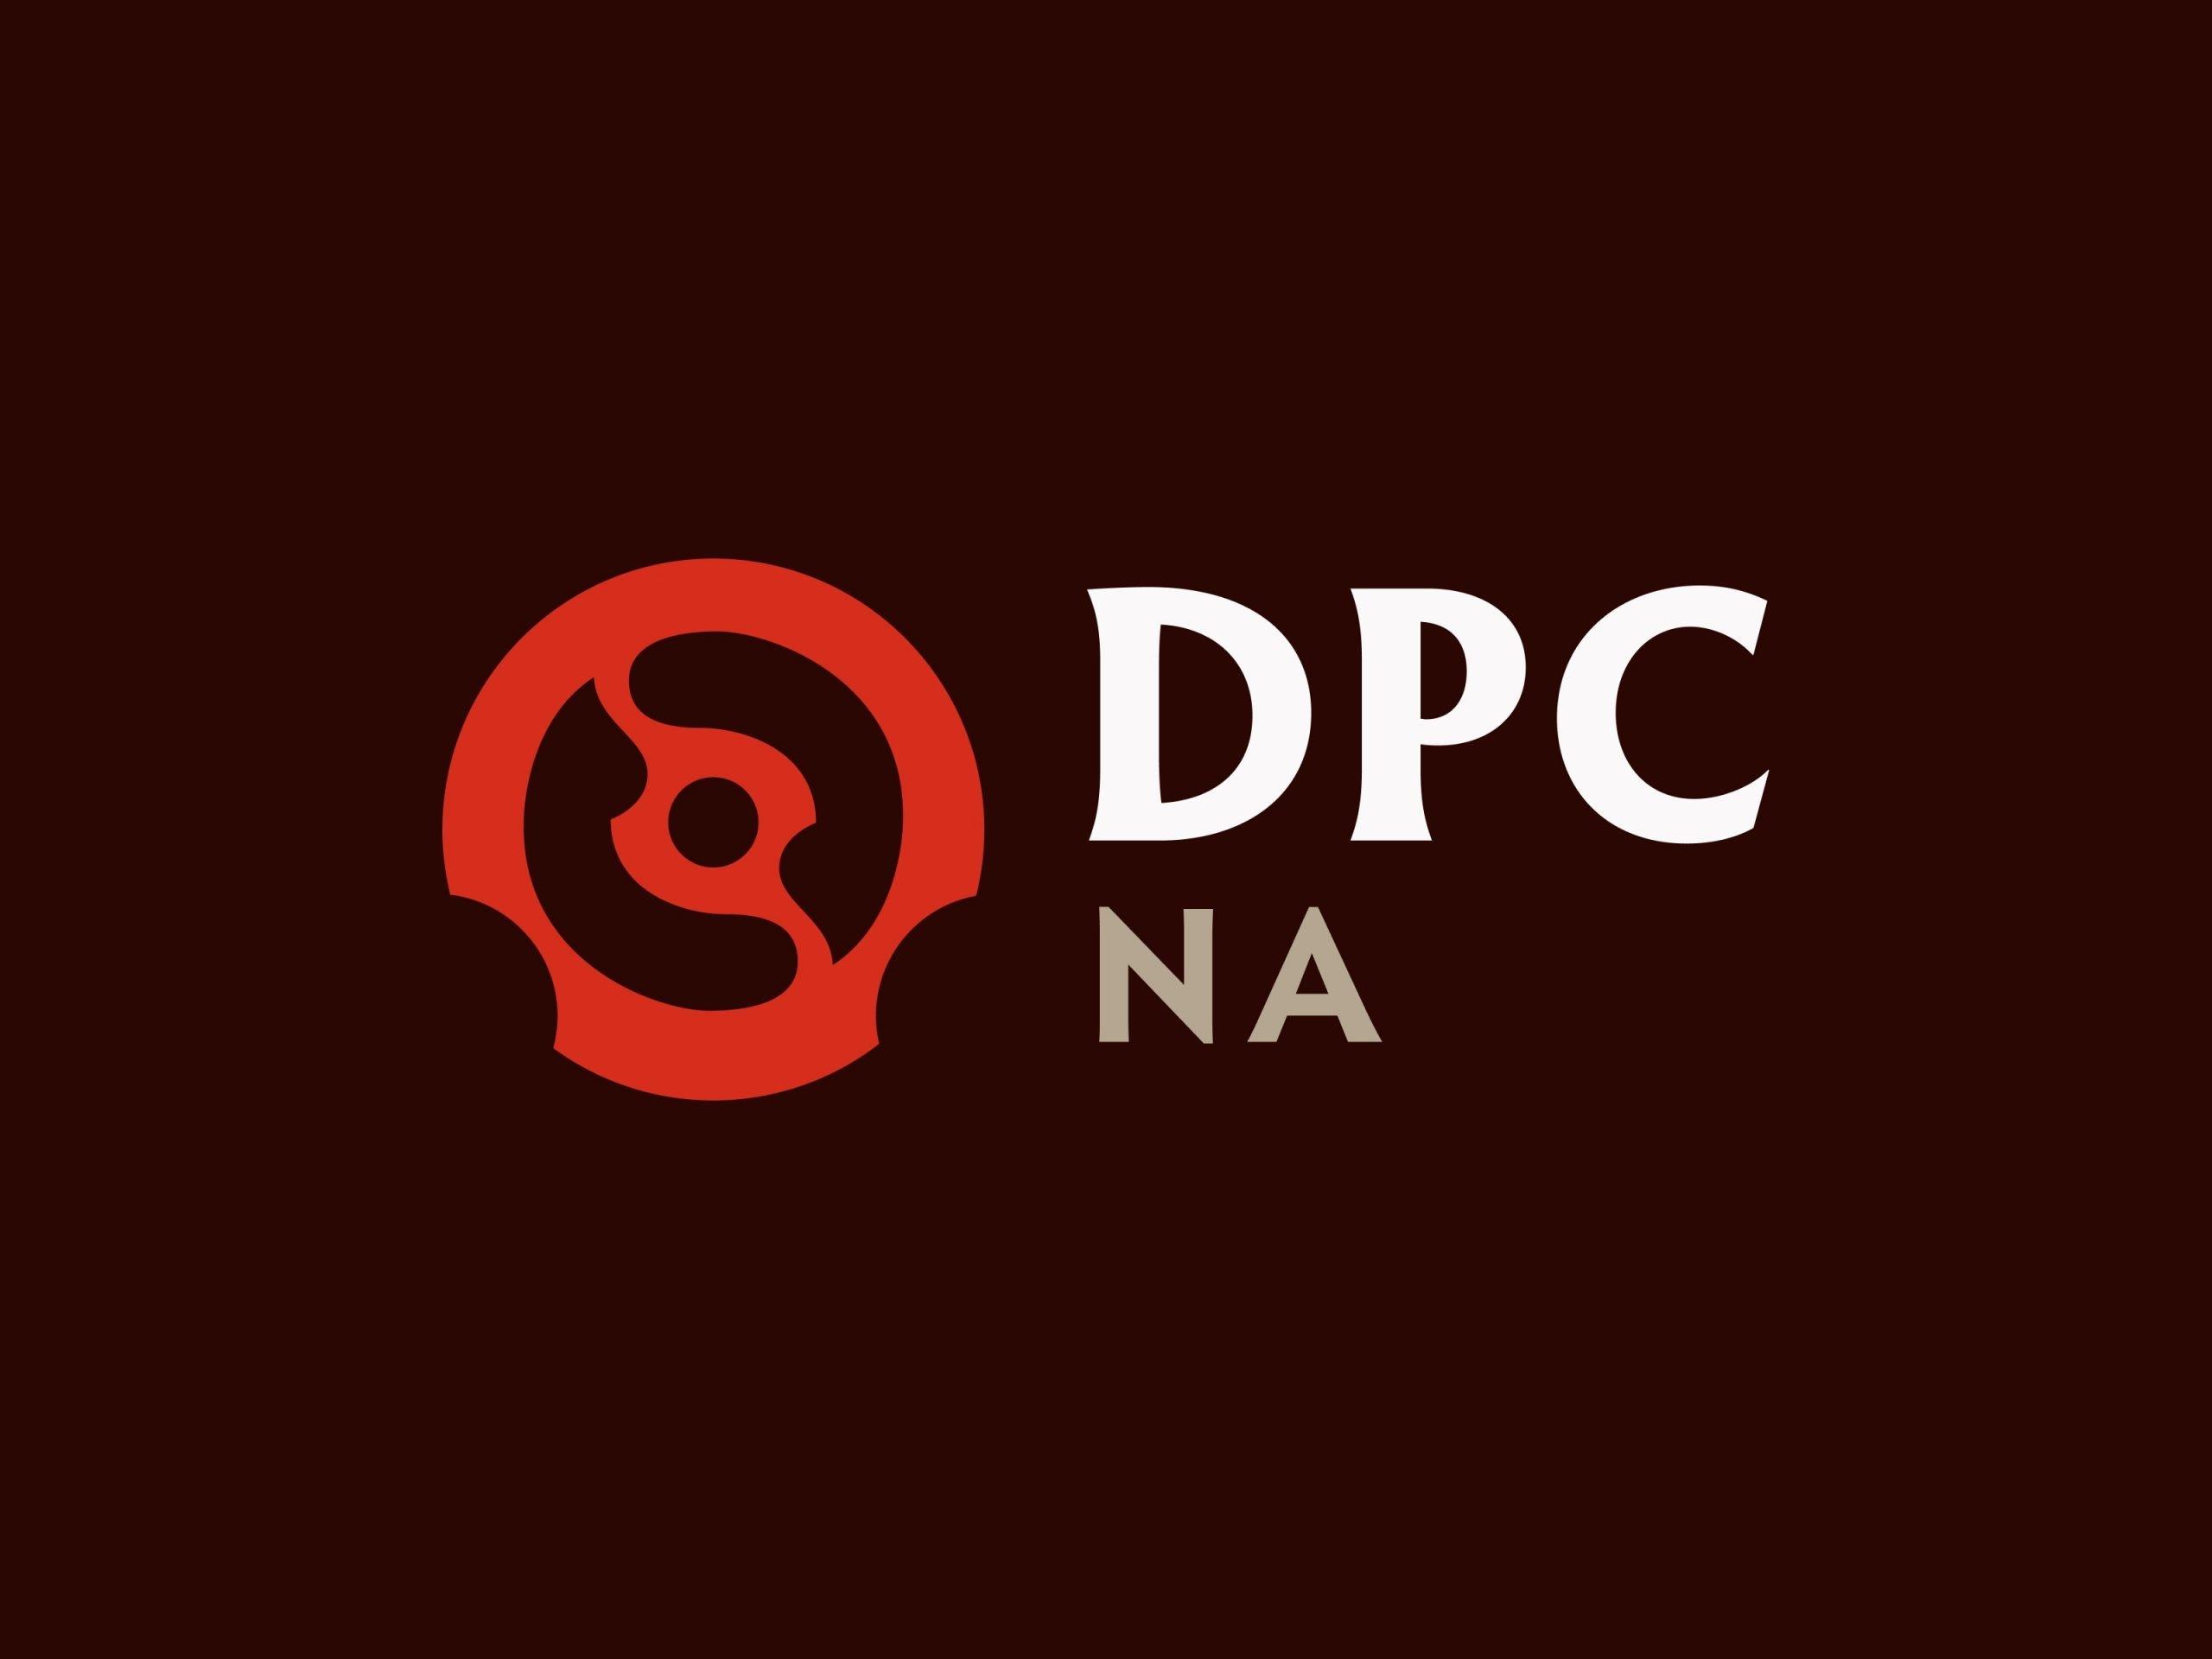 Расписание и результаты DPC-сезона. Северная Америка. Второй дивизион